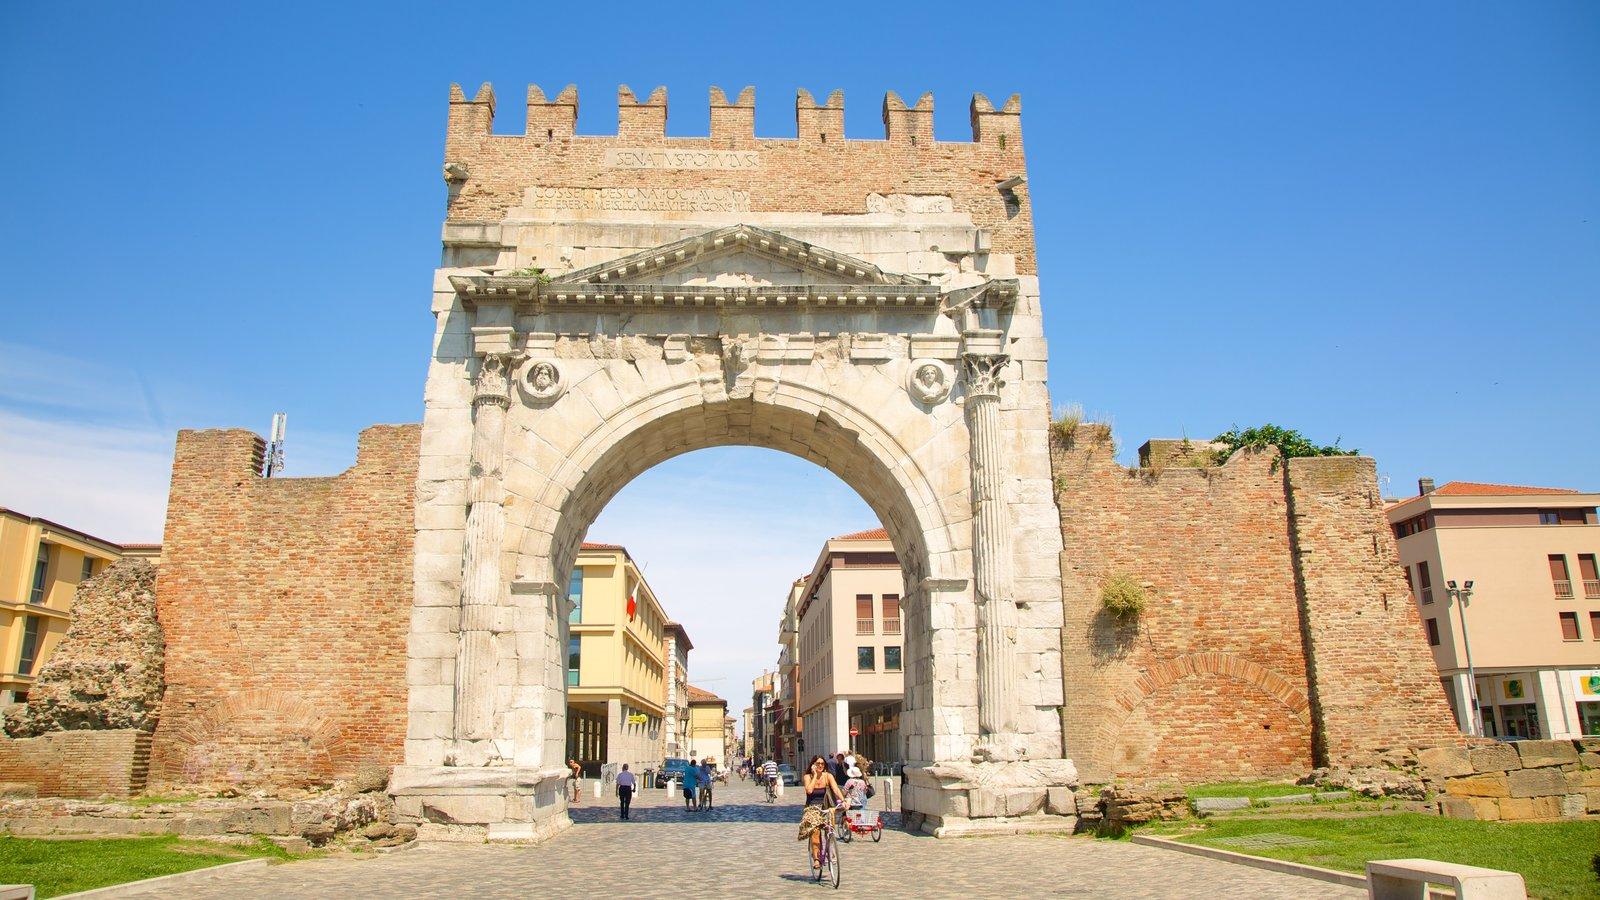 Arco de Augusto mostrando elementos de patrimônio